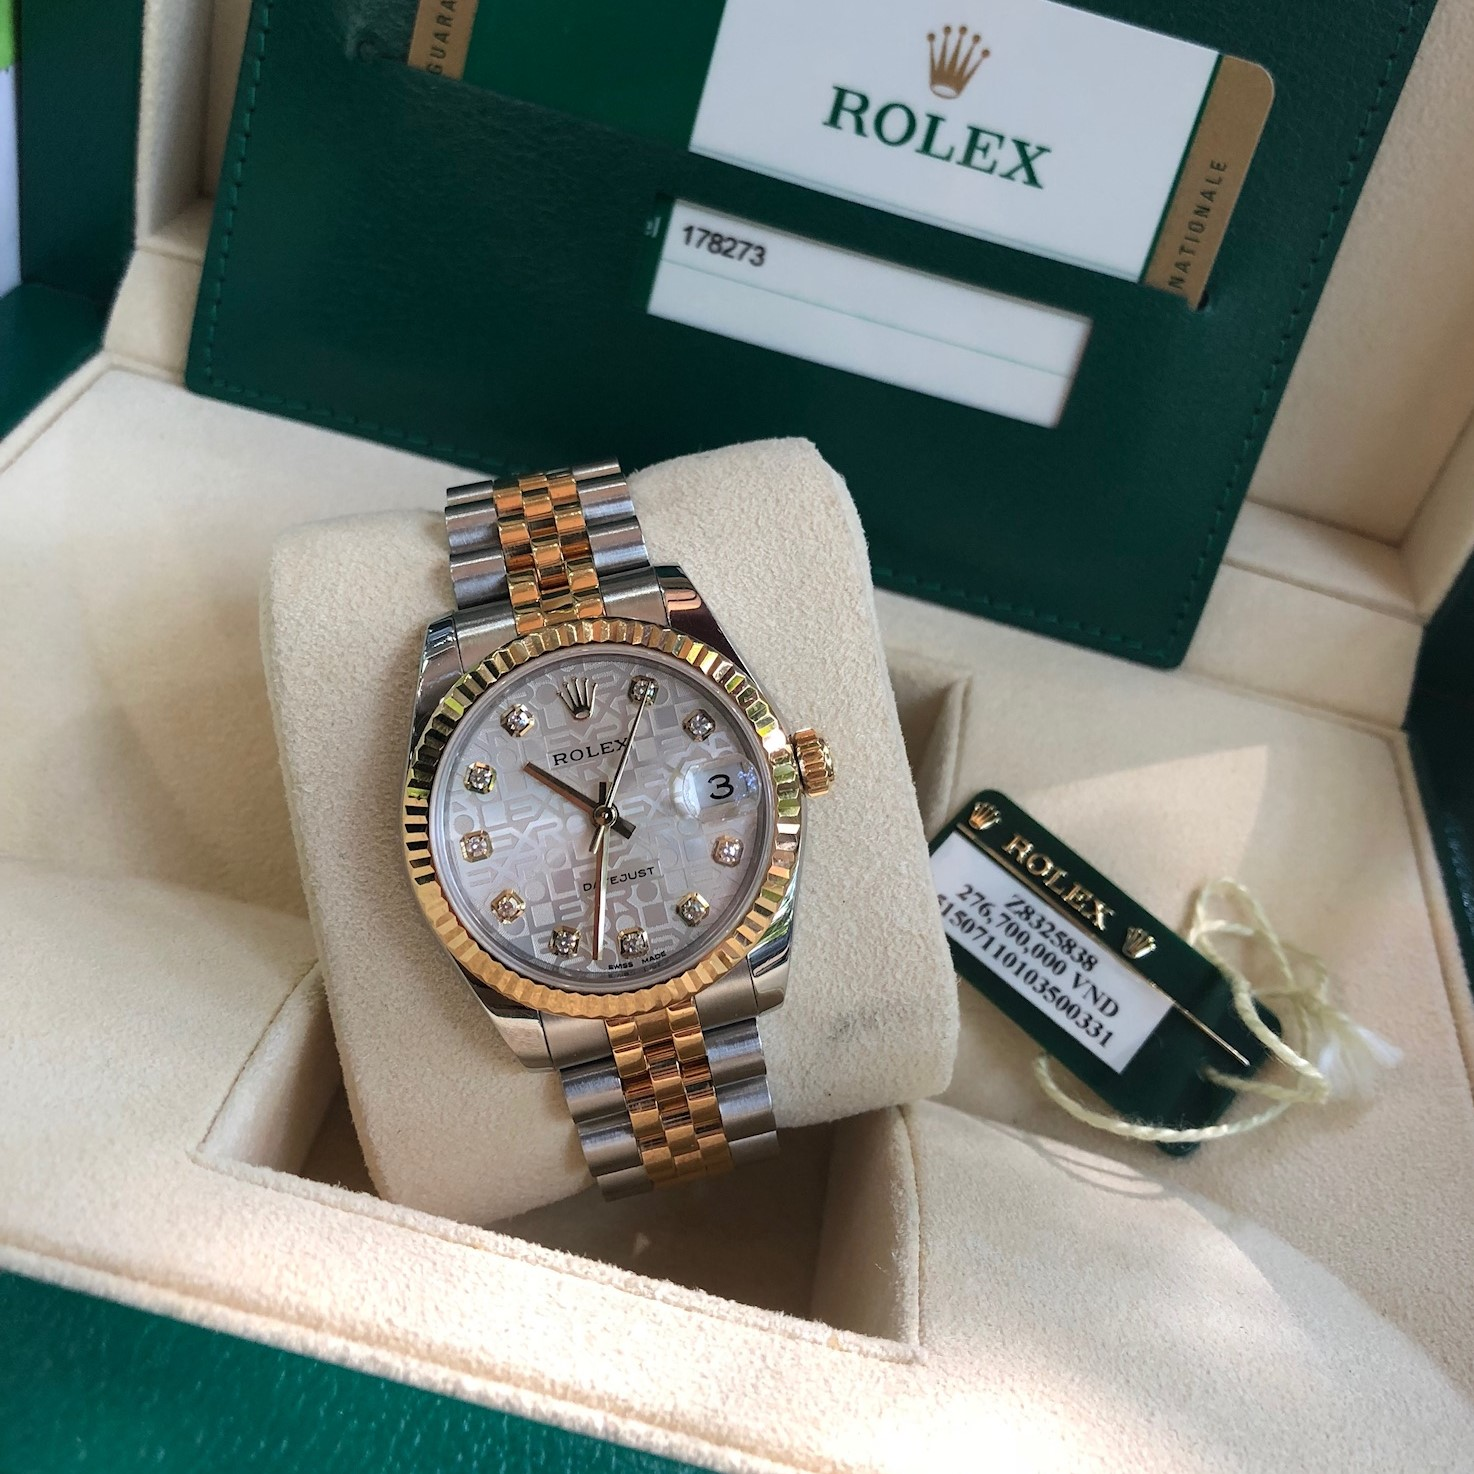 Rolex 178273 mặt vi tính demi vàng 18k size 31mm Fullbox 2016